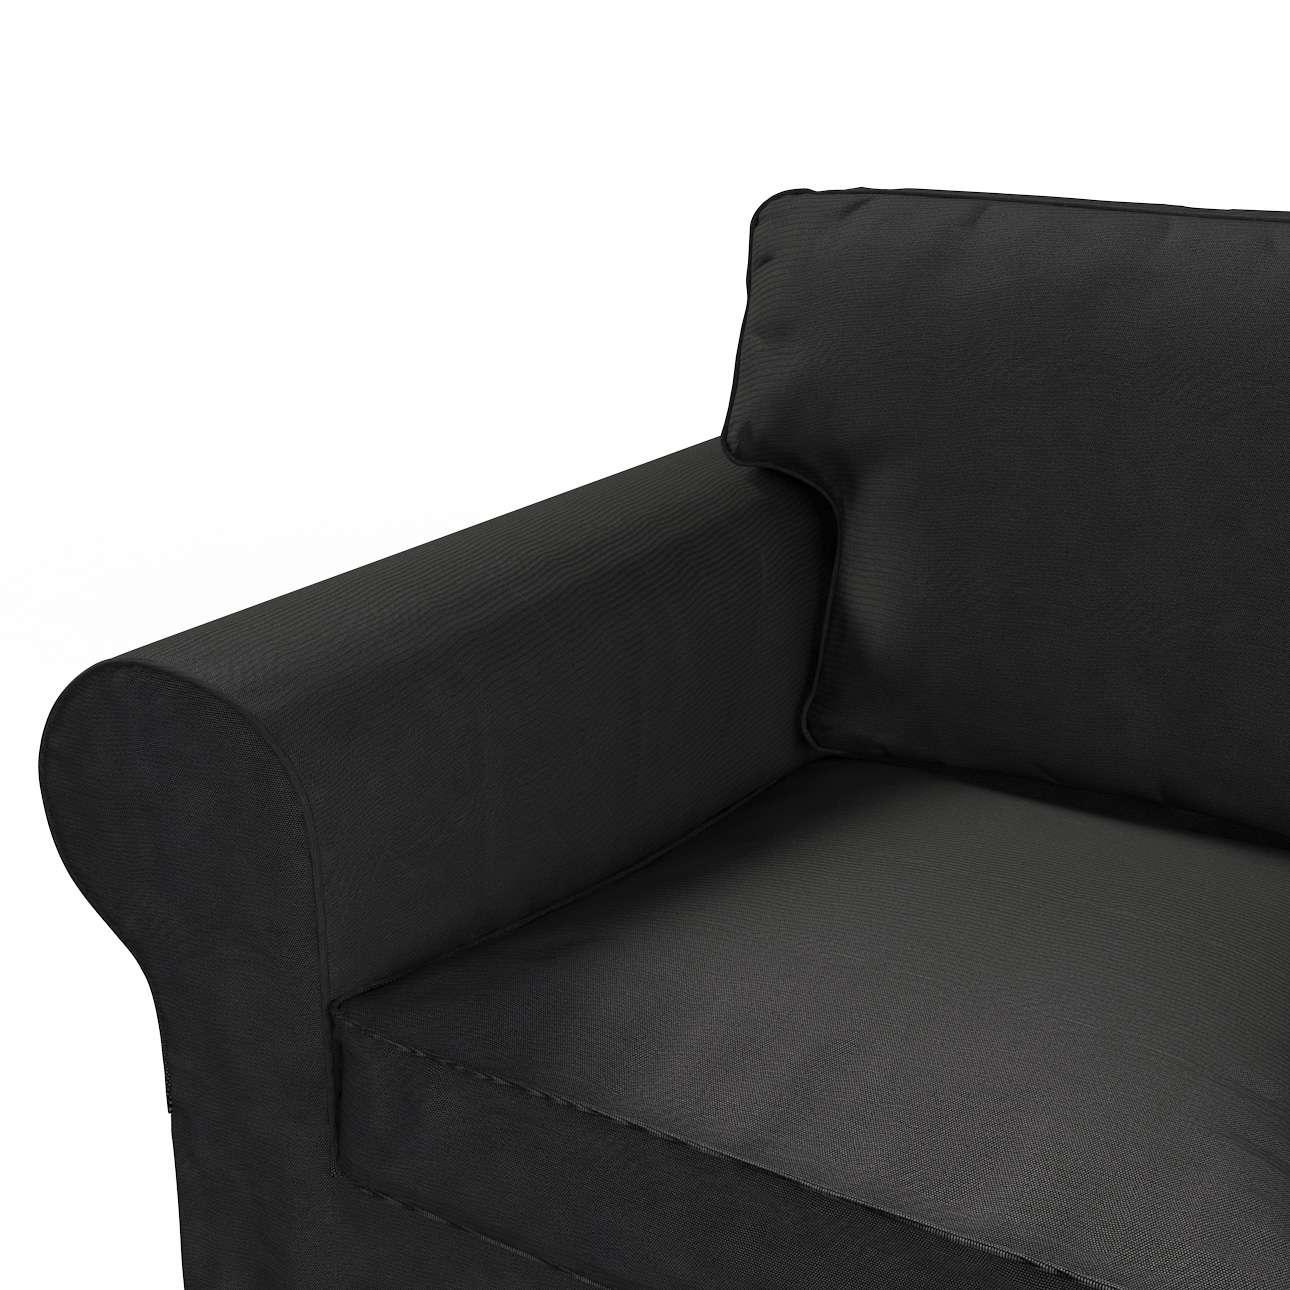 Ektorp 2 sæder Betræk uden sofa fra kollektionen Etna, Stof: 705-00